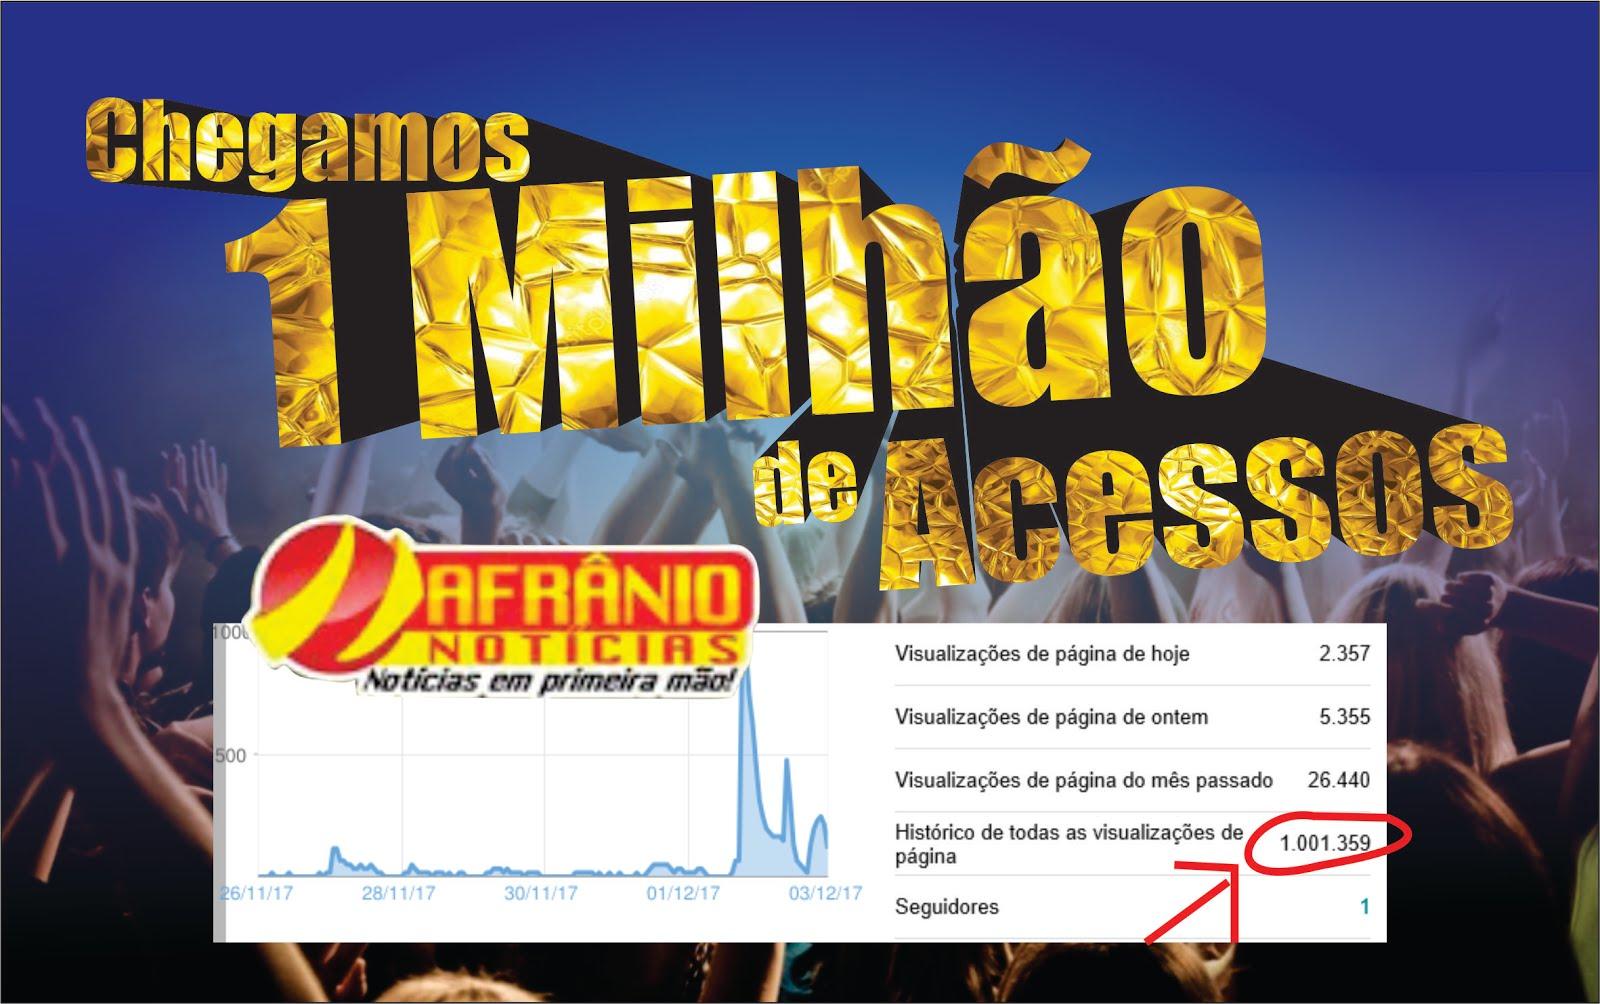 14ecbbfba0 Noticias Do Brasil ~ AFRÂNIO NOTÍCIAS